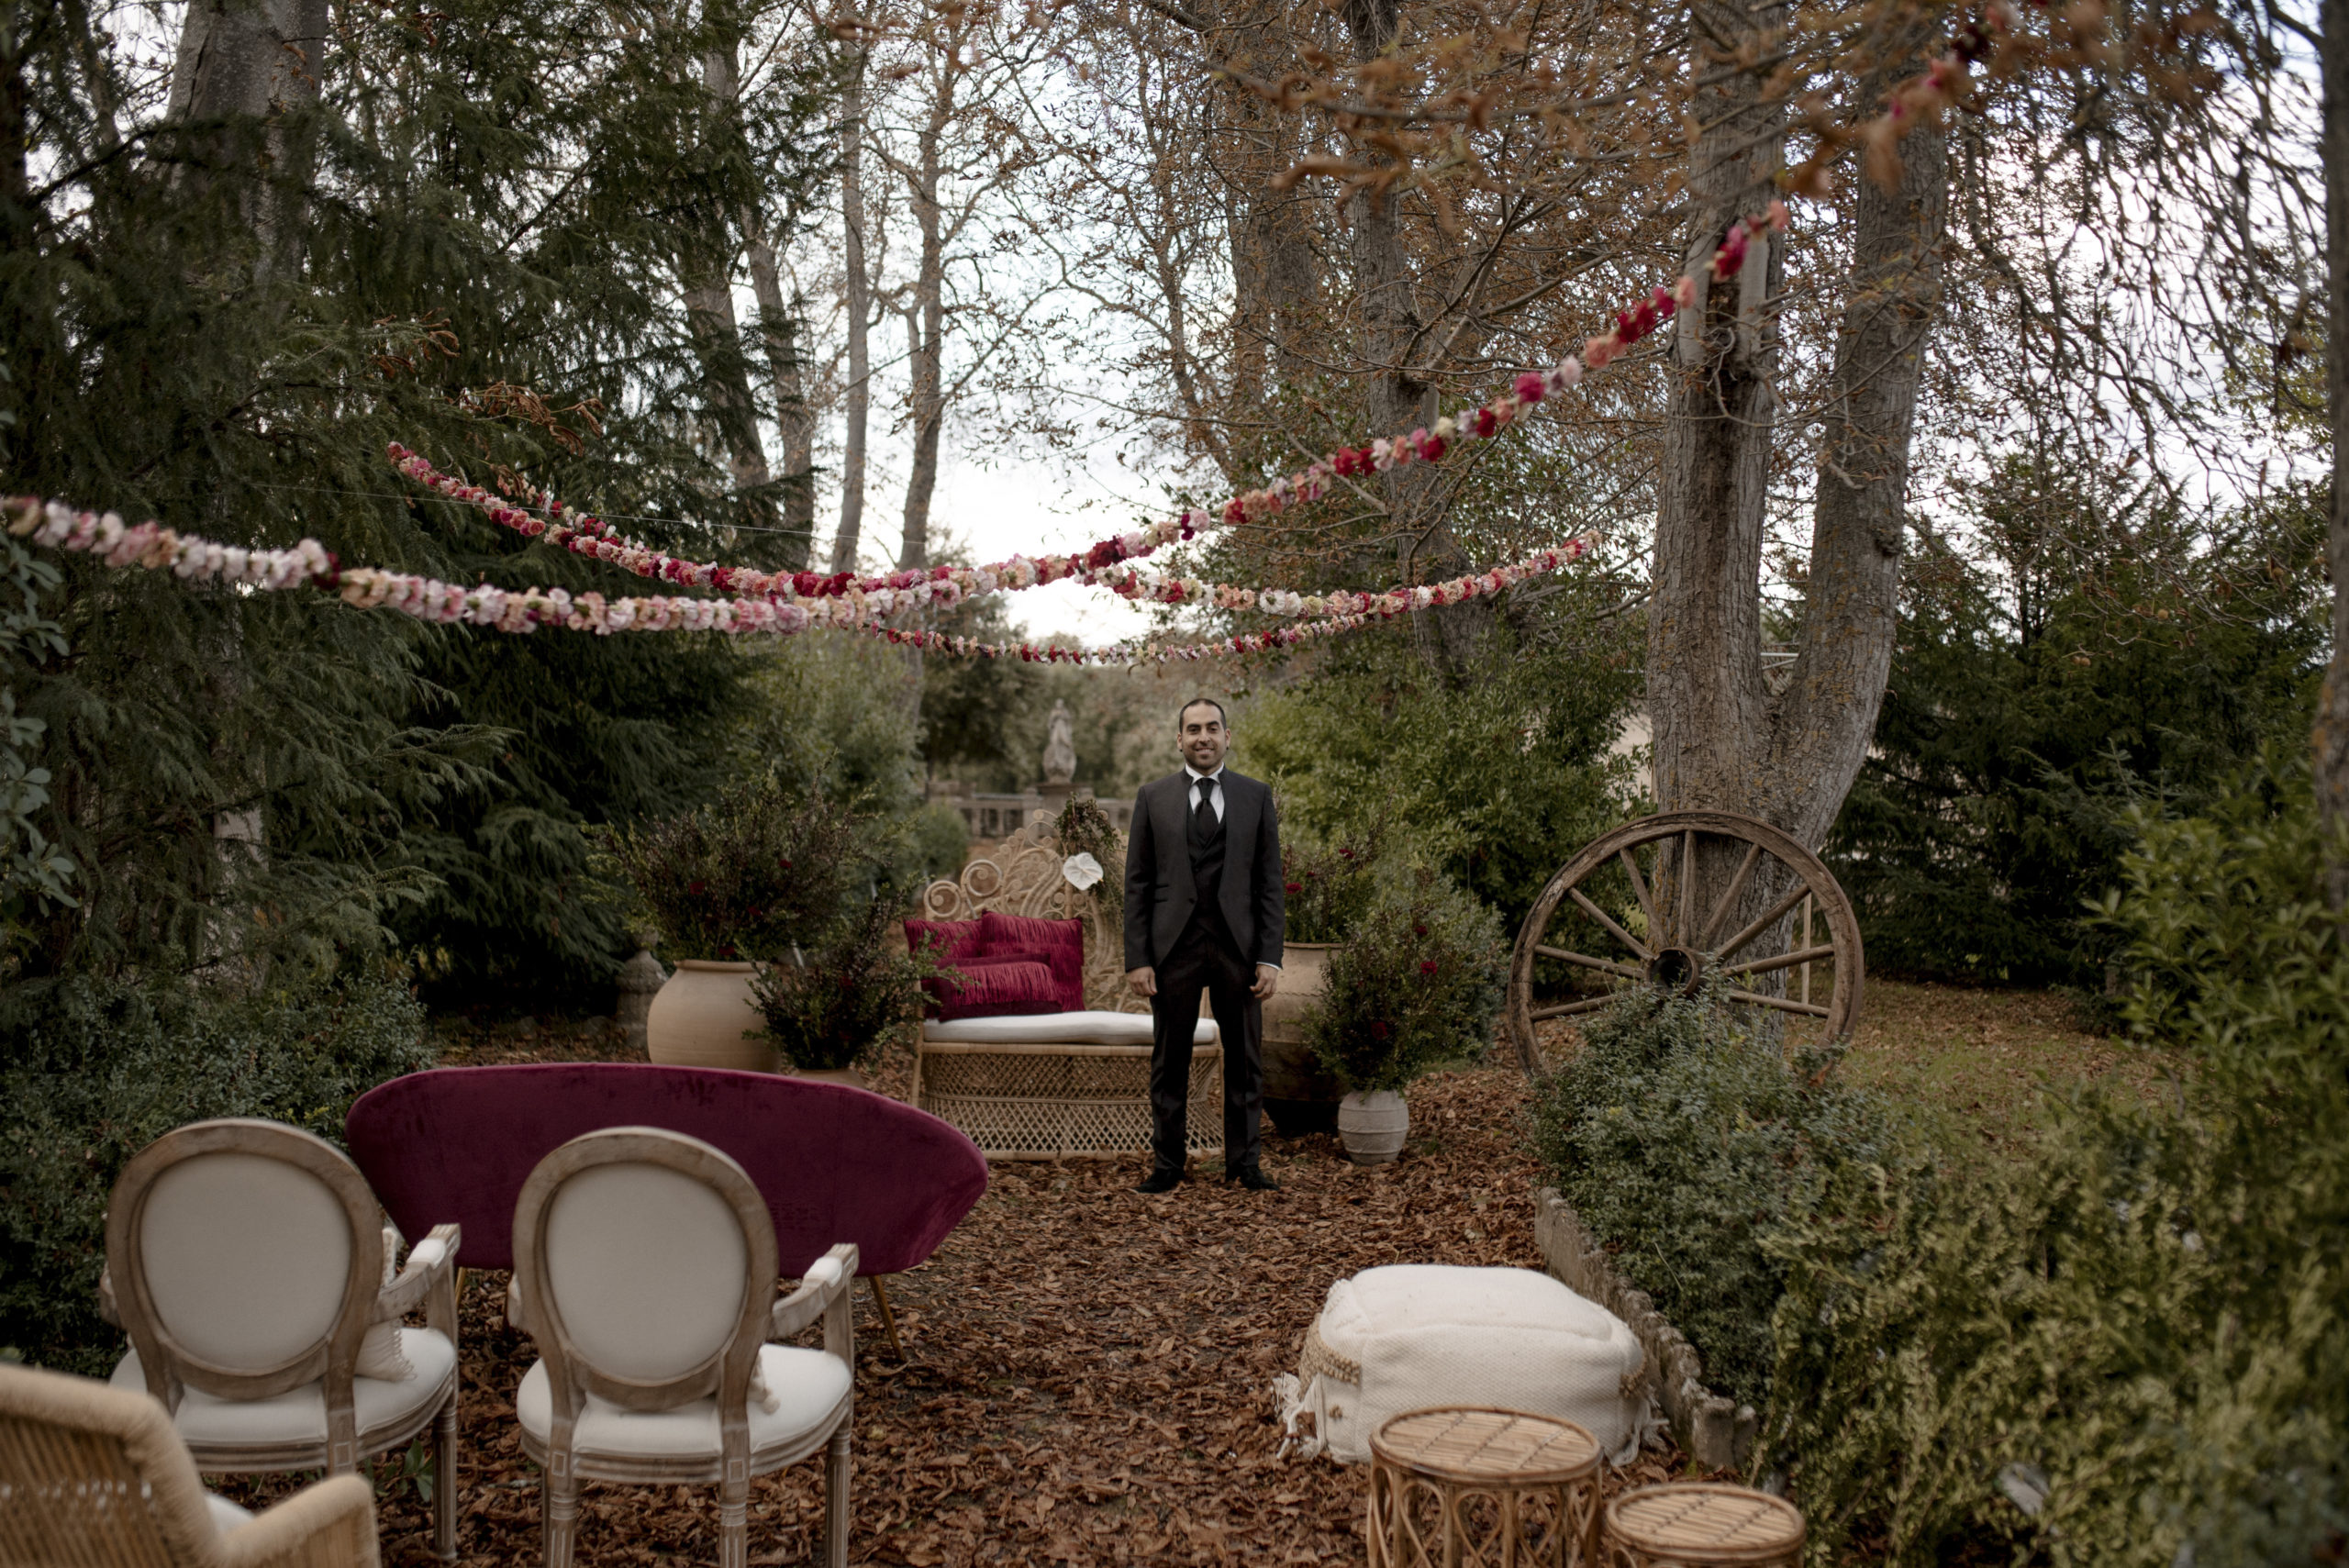 Novio en el altar esperando a la novia rodeado de naturaleza y árboles